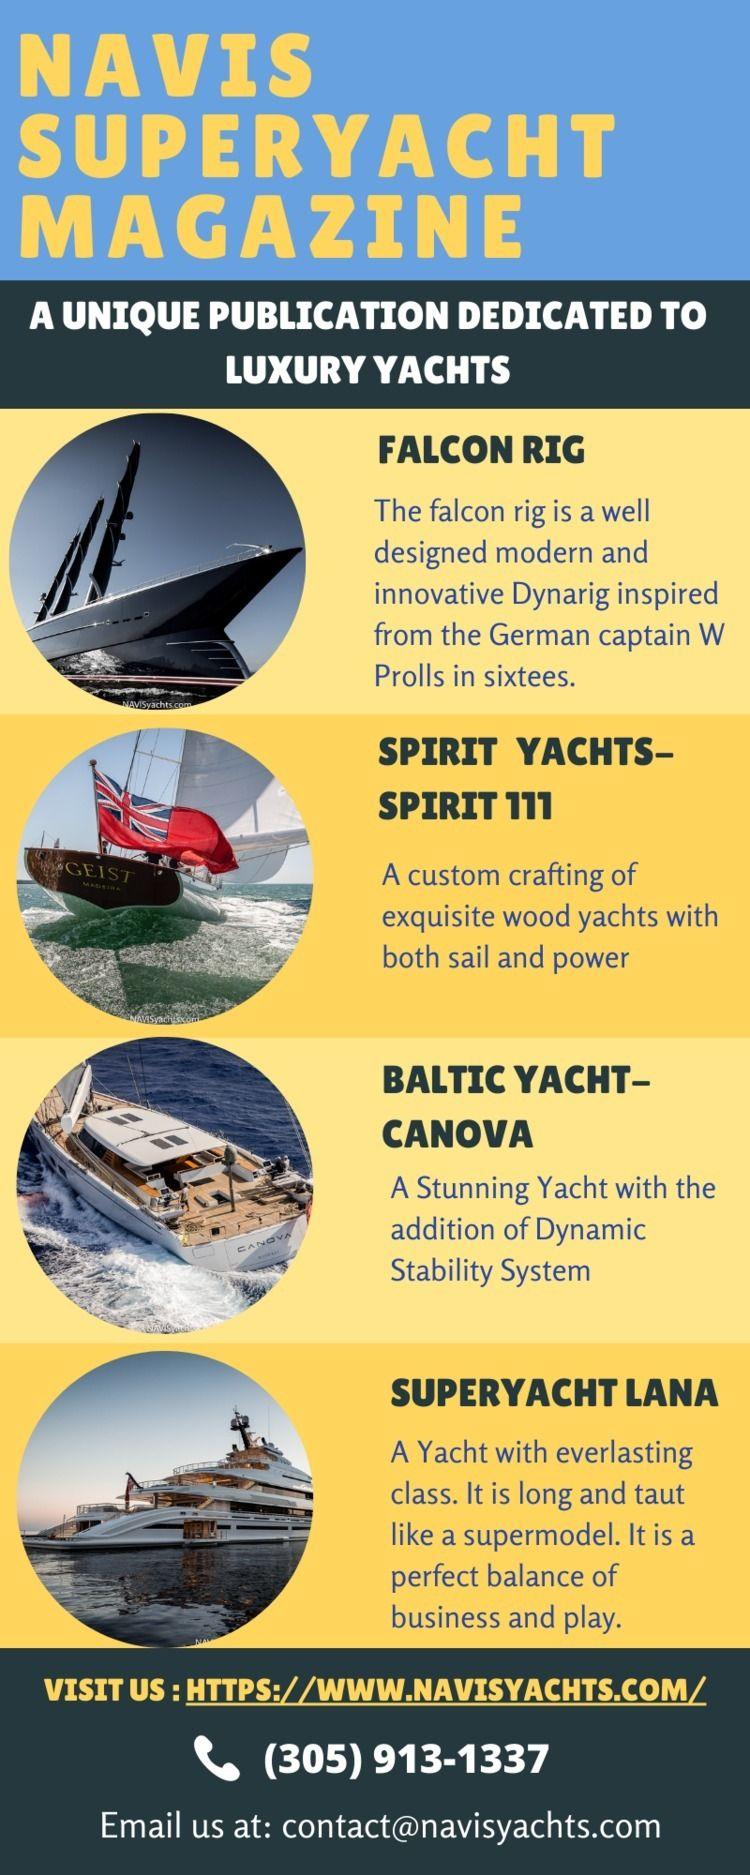 Online Superyacht Magazine - navisyachts   ello